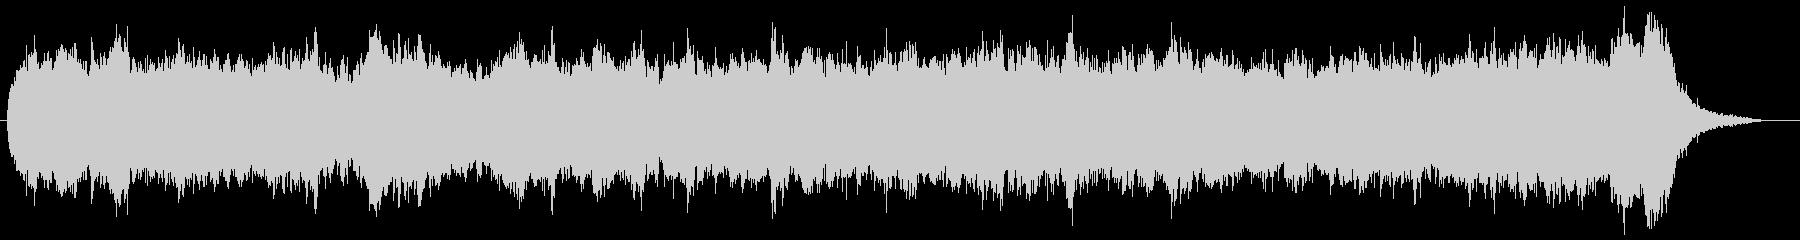 バッハ風三声のパイプオルガンオリジナルの未再生の波形